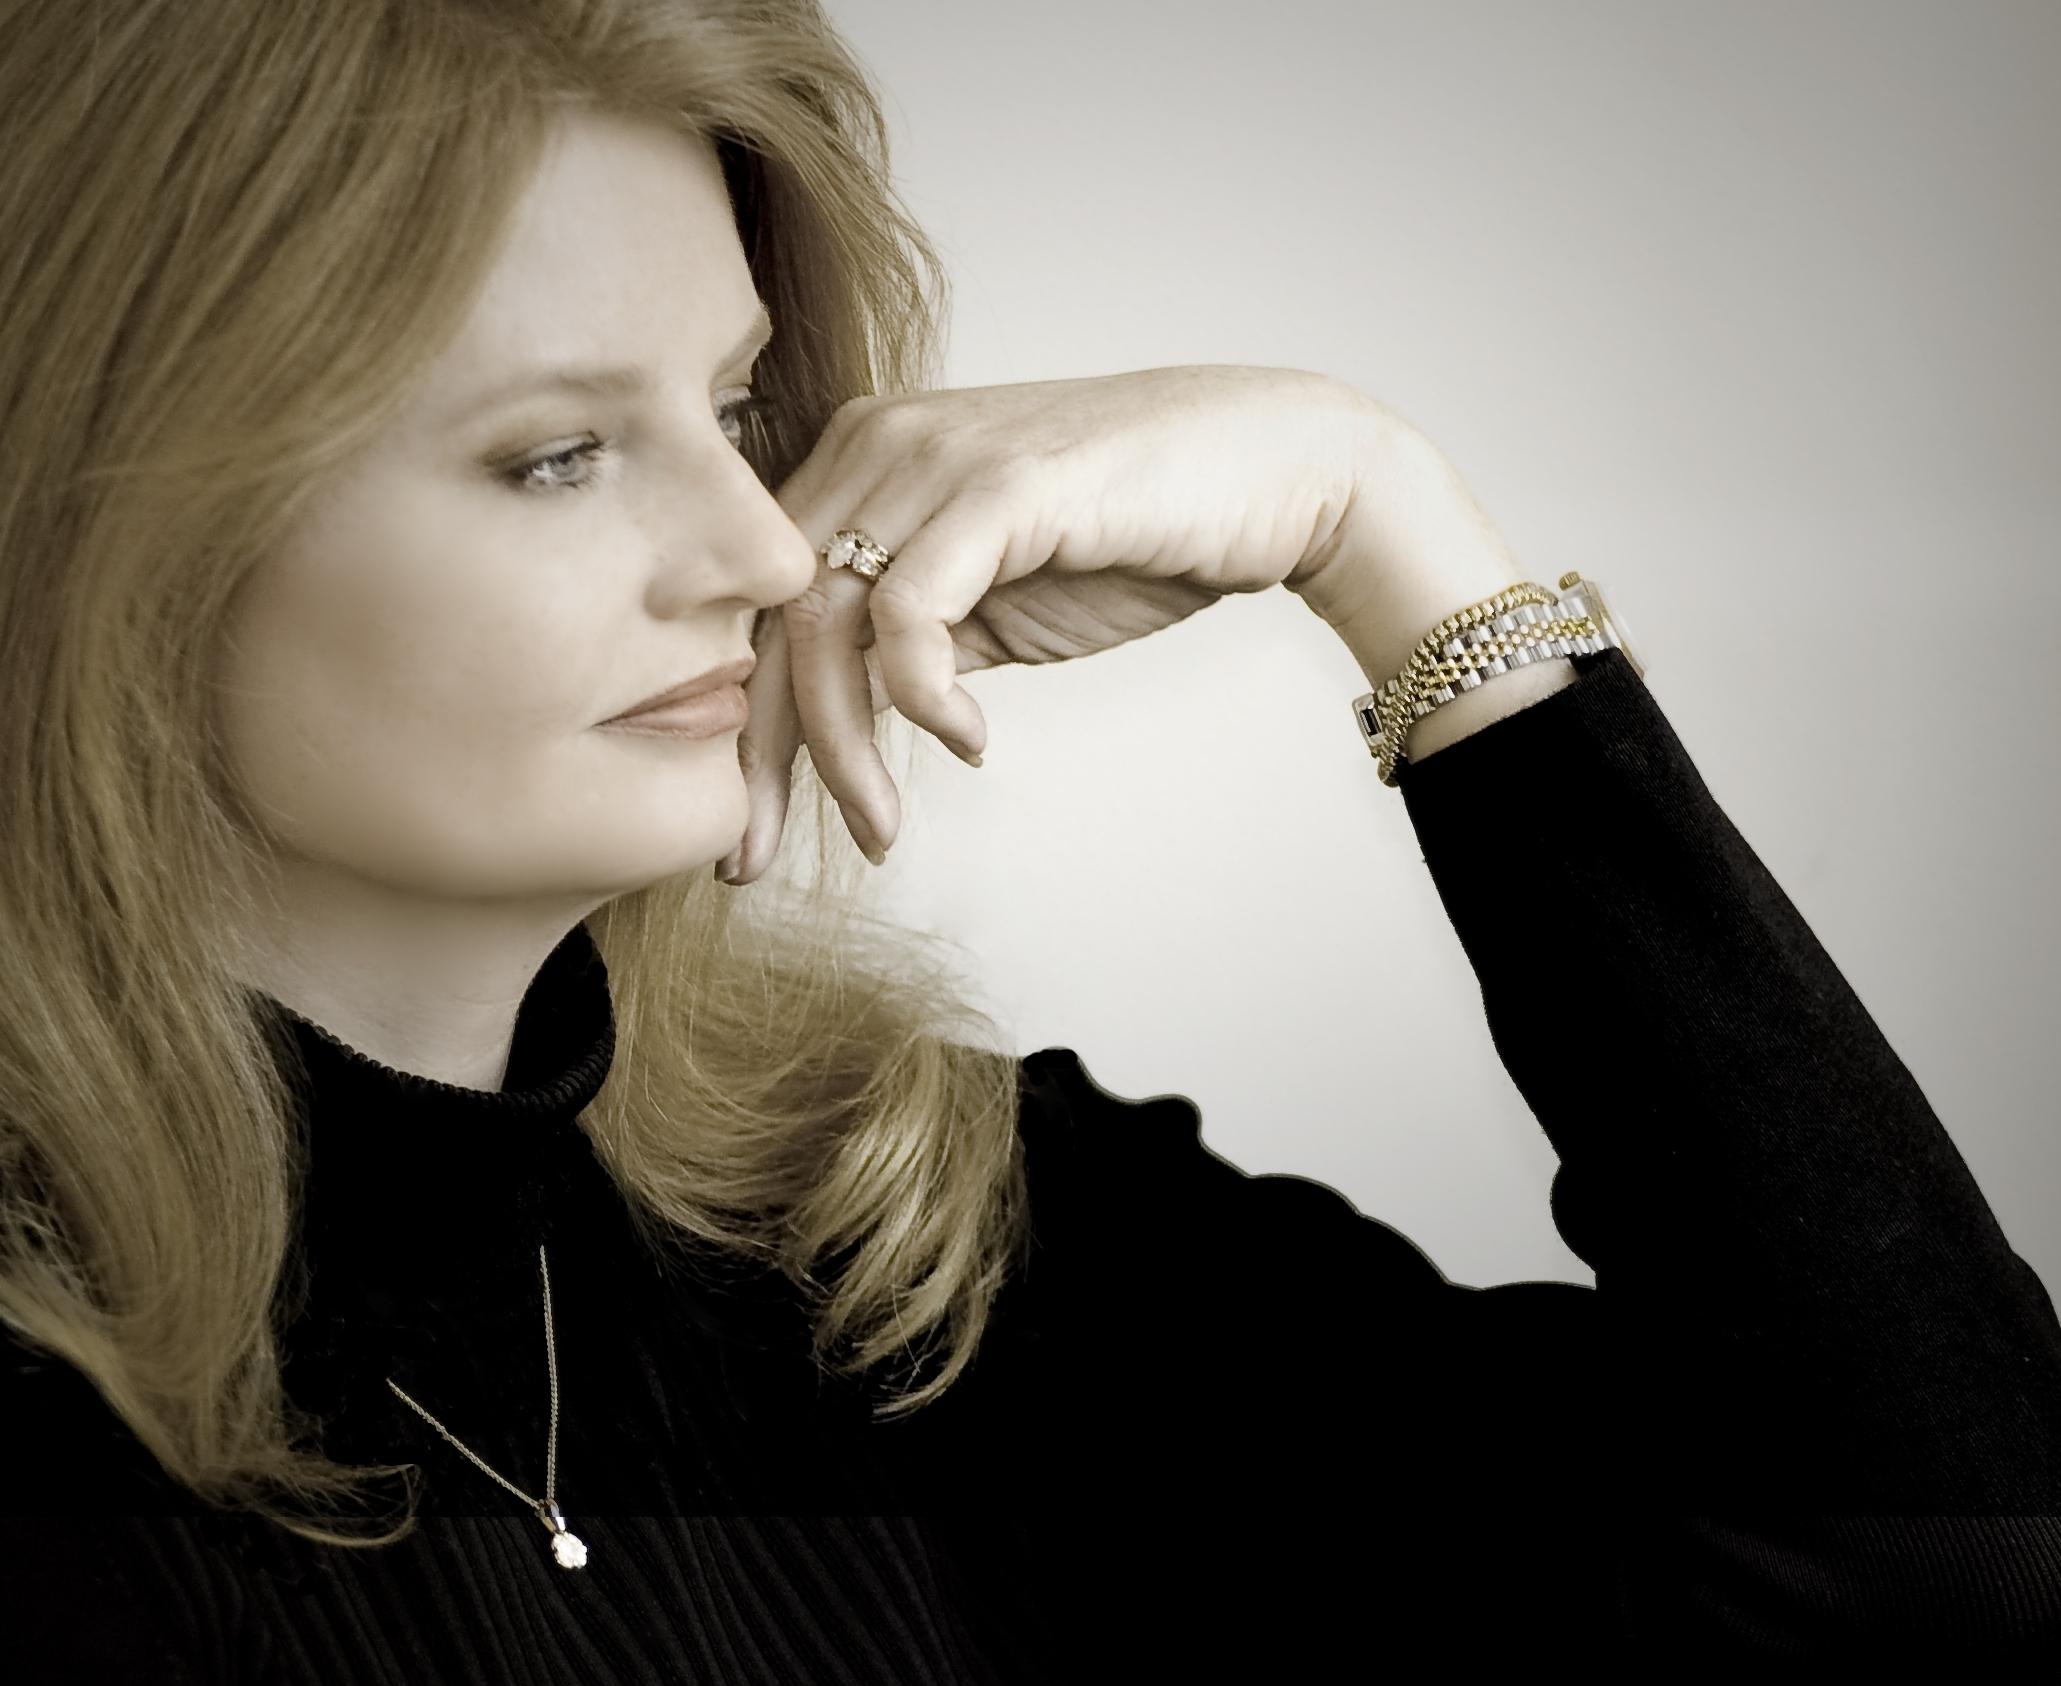 Louann Brizendine in 2009.